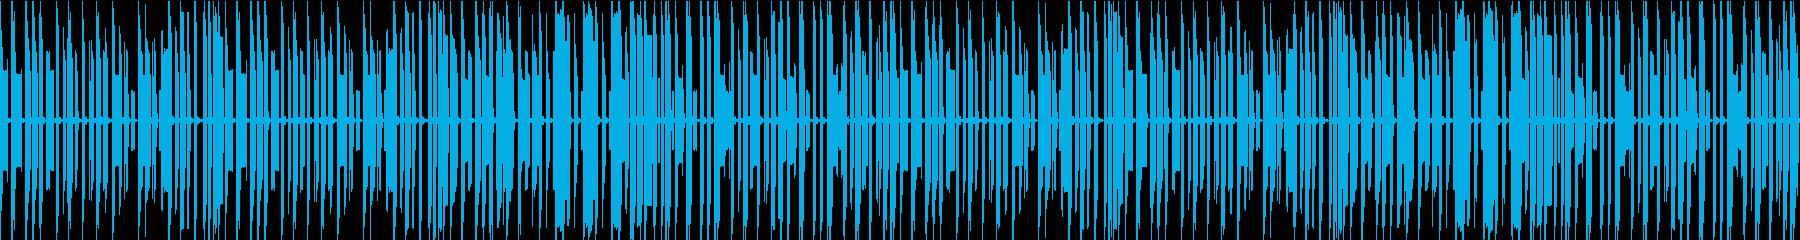 FC風ループ 日常の隙間からの再生済みの波形